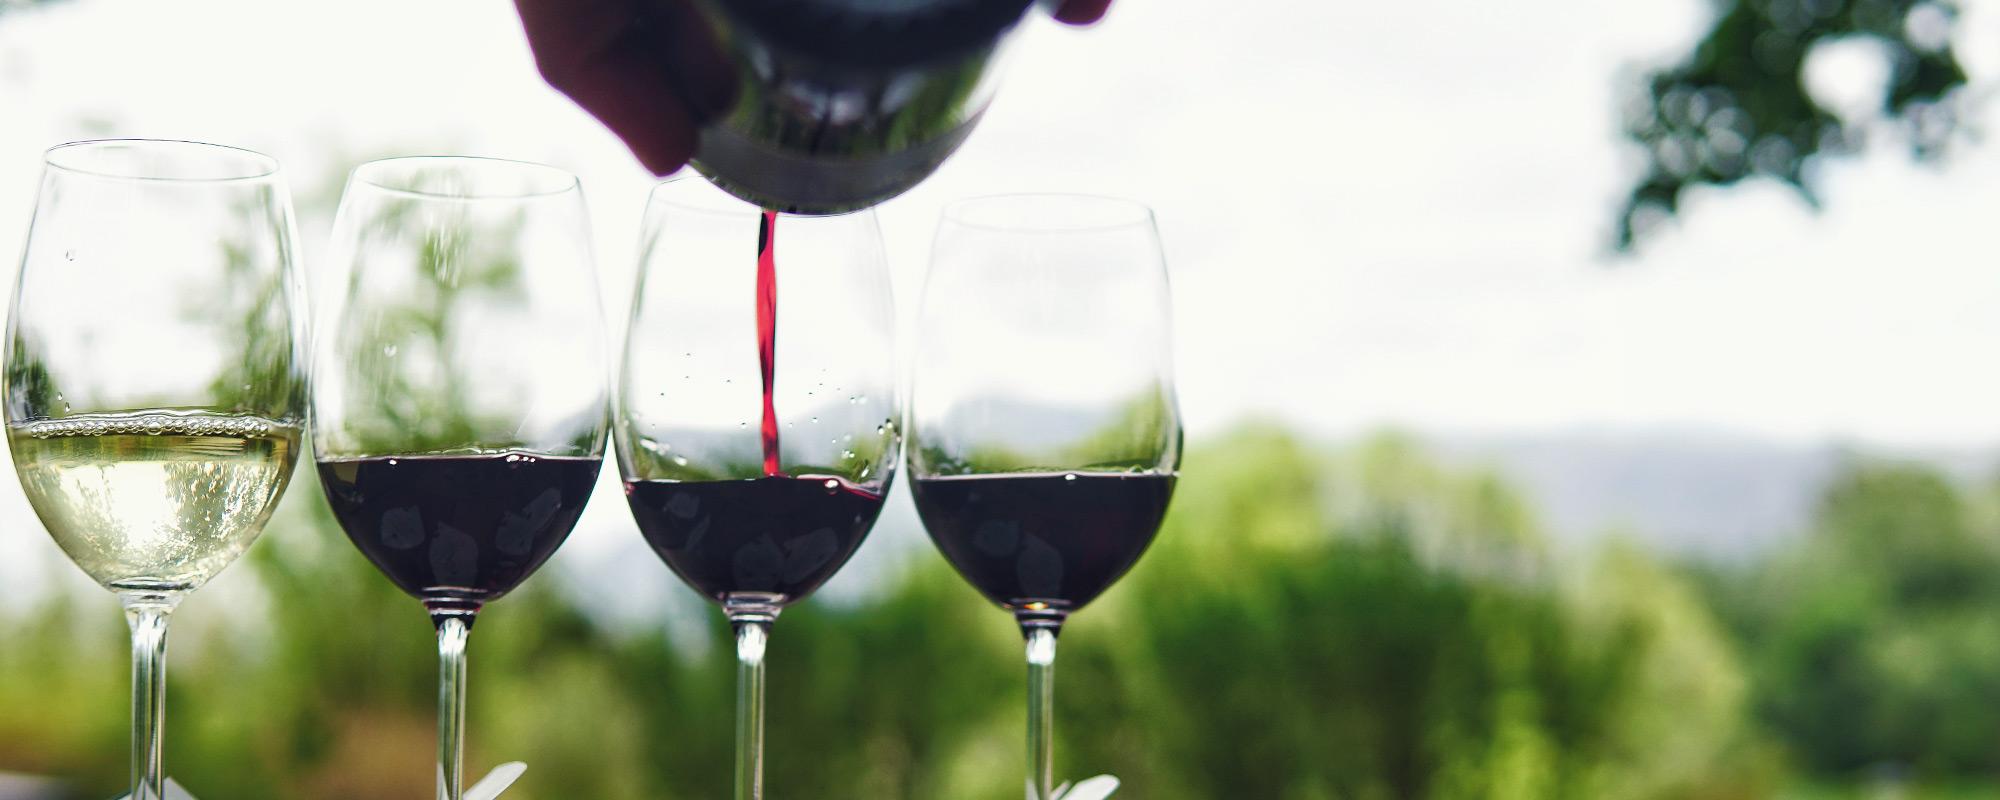 wine tasting and pairing in Franschhoek